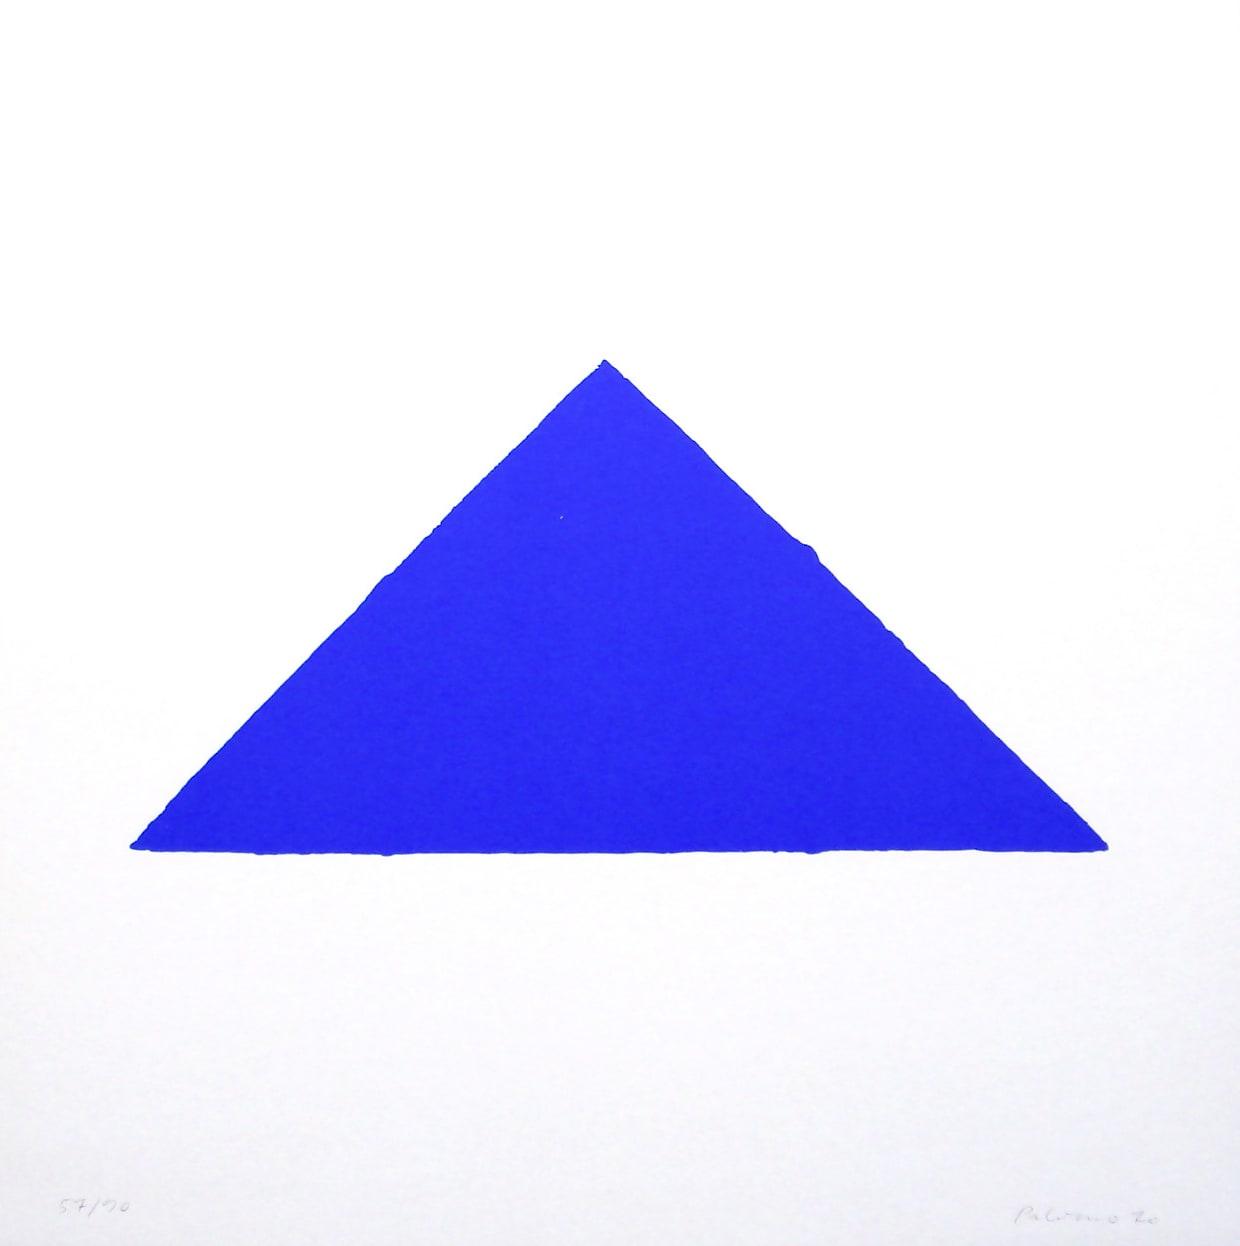 Blaues Dreieck (Jahn #3) by Blinky Palermo